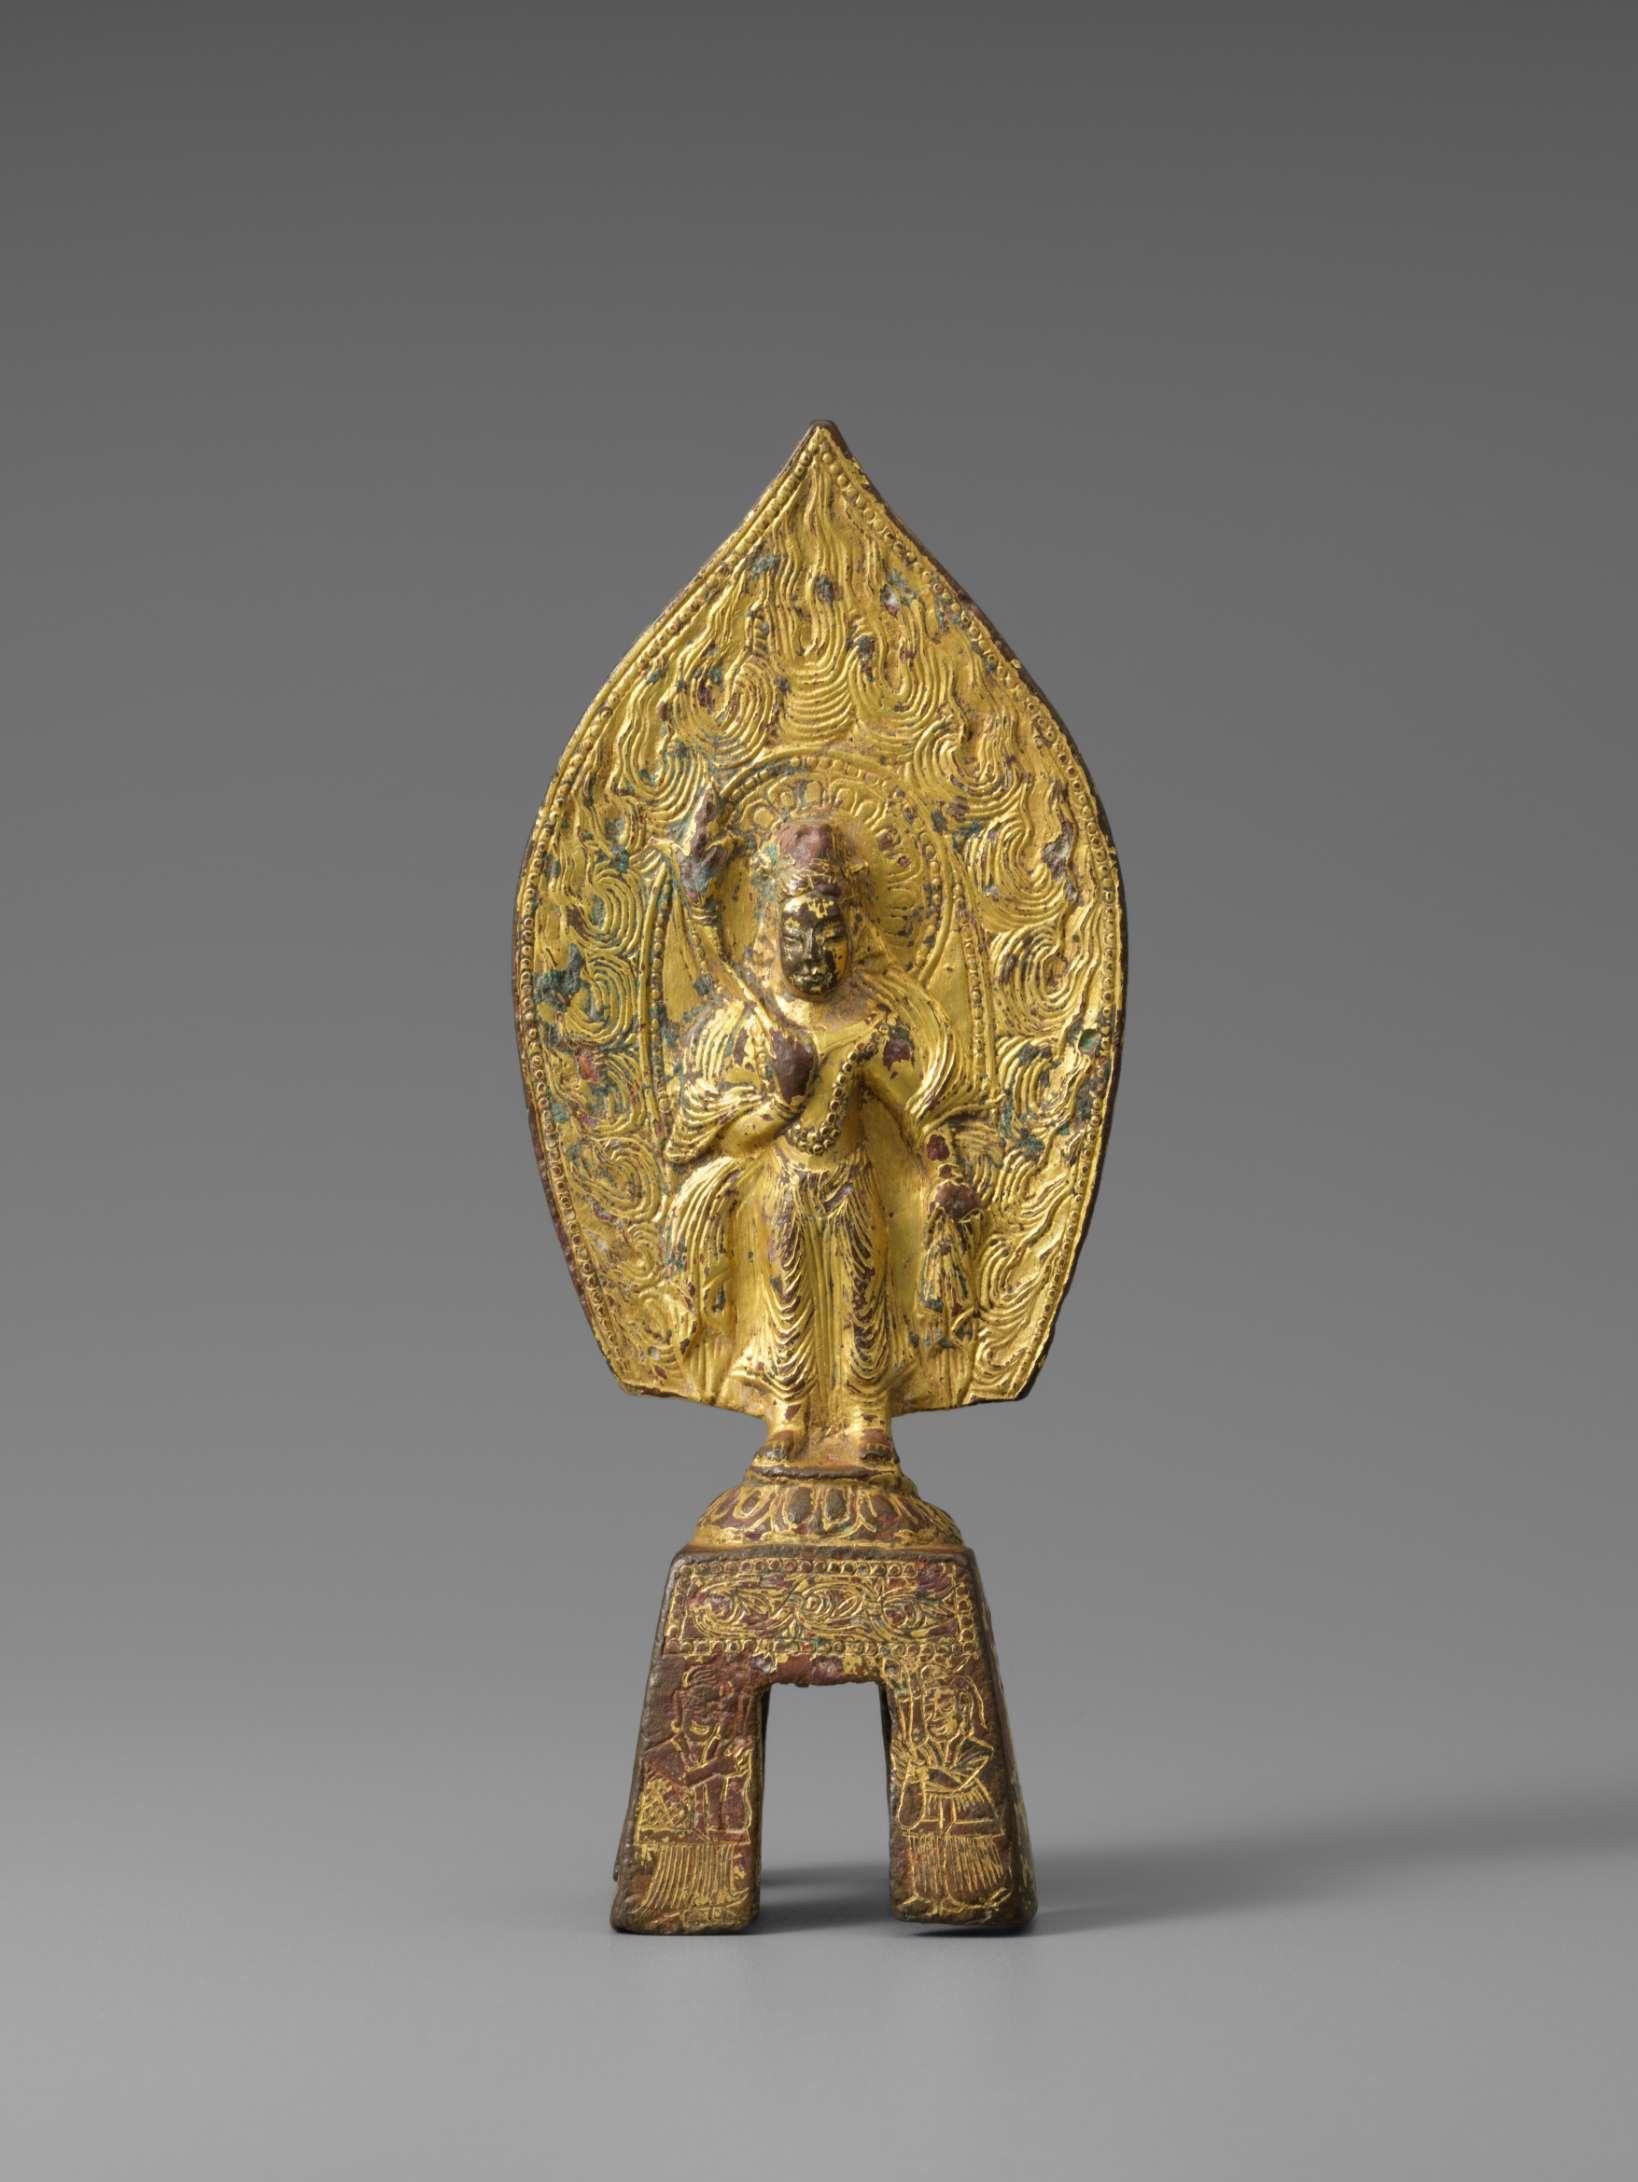 鍍金仏立像 北魏時代 景明元年銘(500)